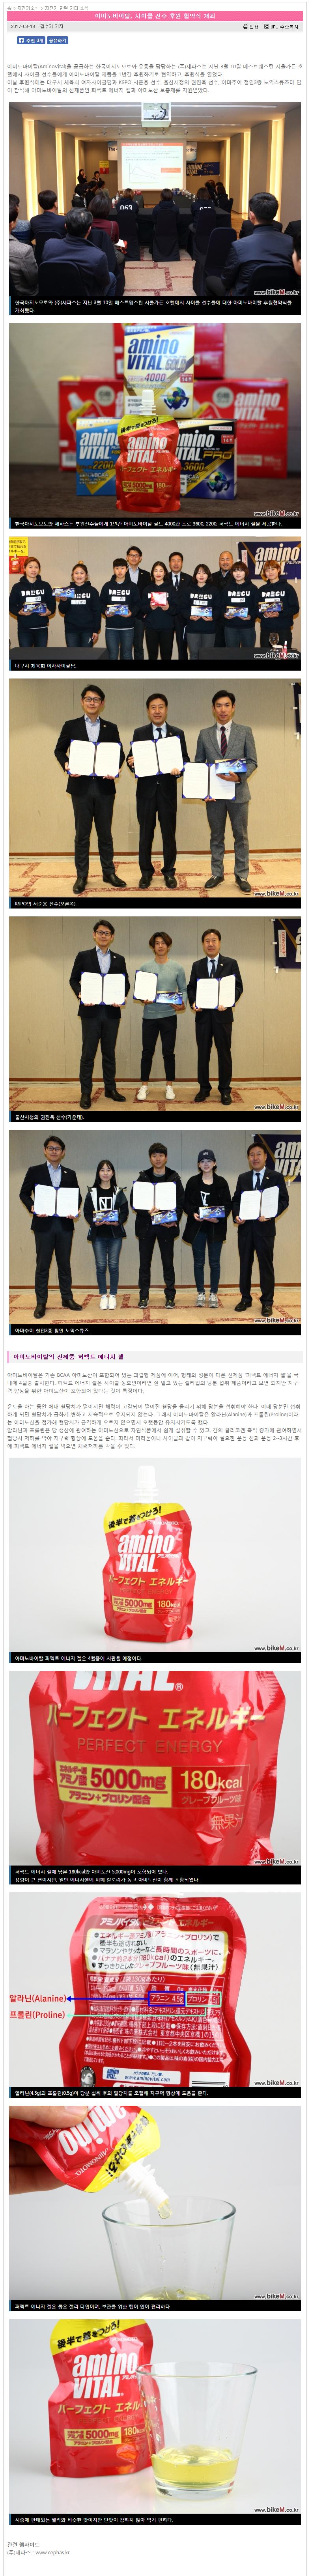 [바이크매거진 아미노바이탈, 사이클 선수 후원 협약식 개최.png